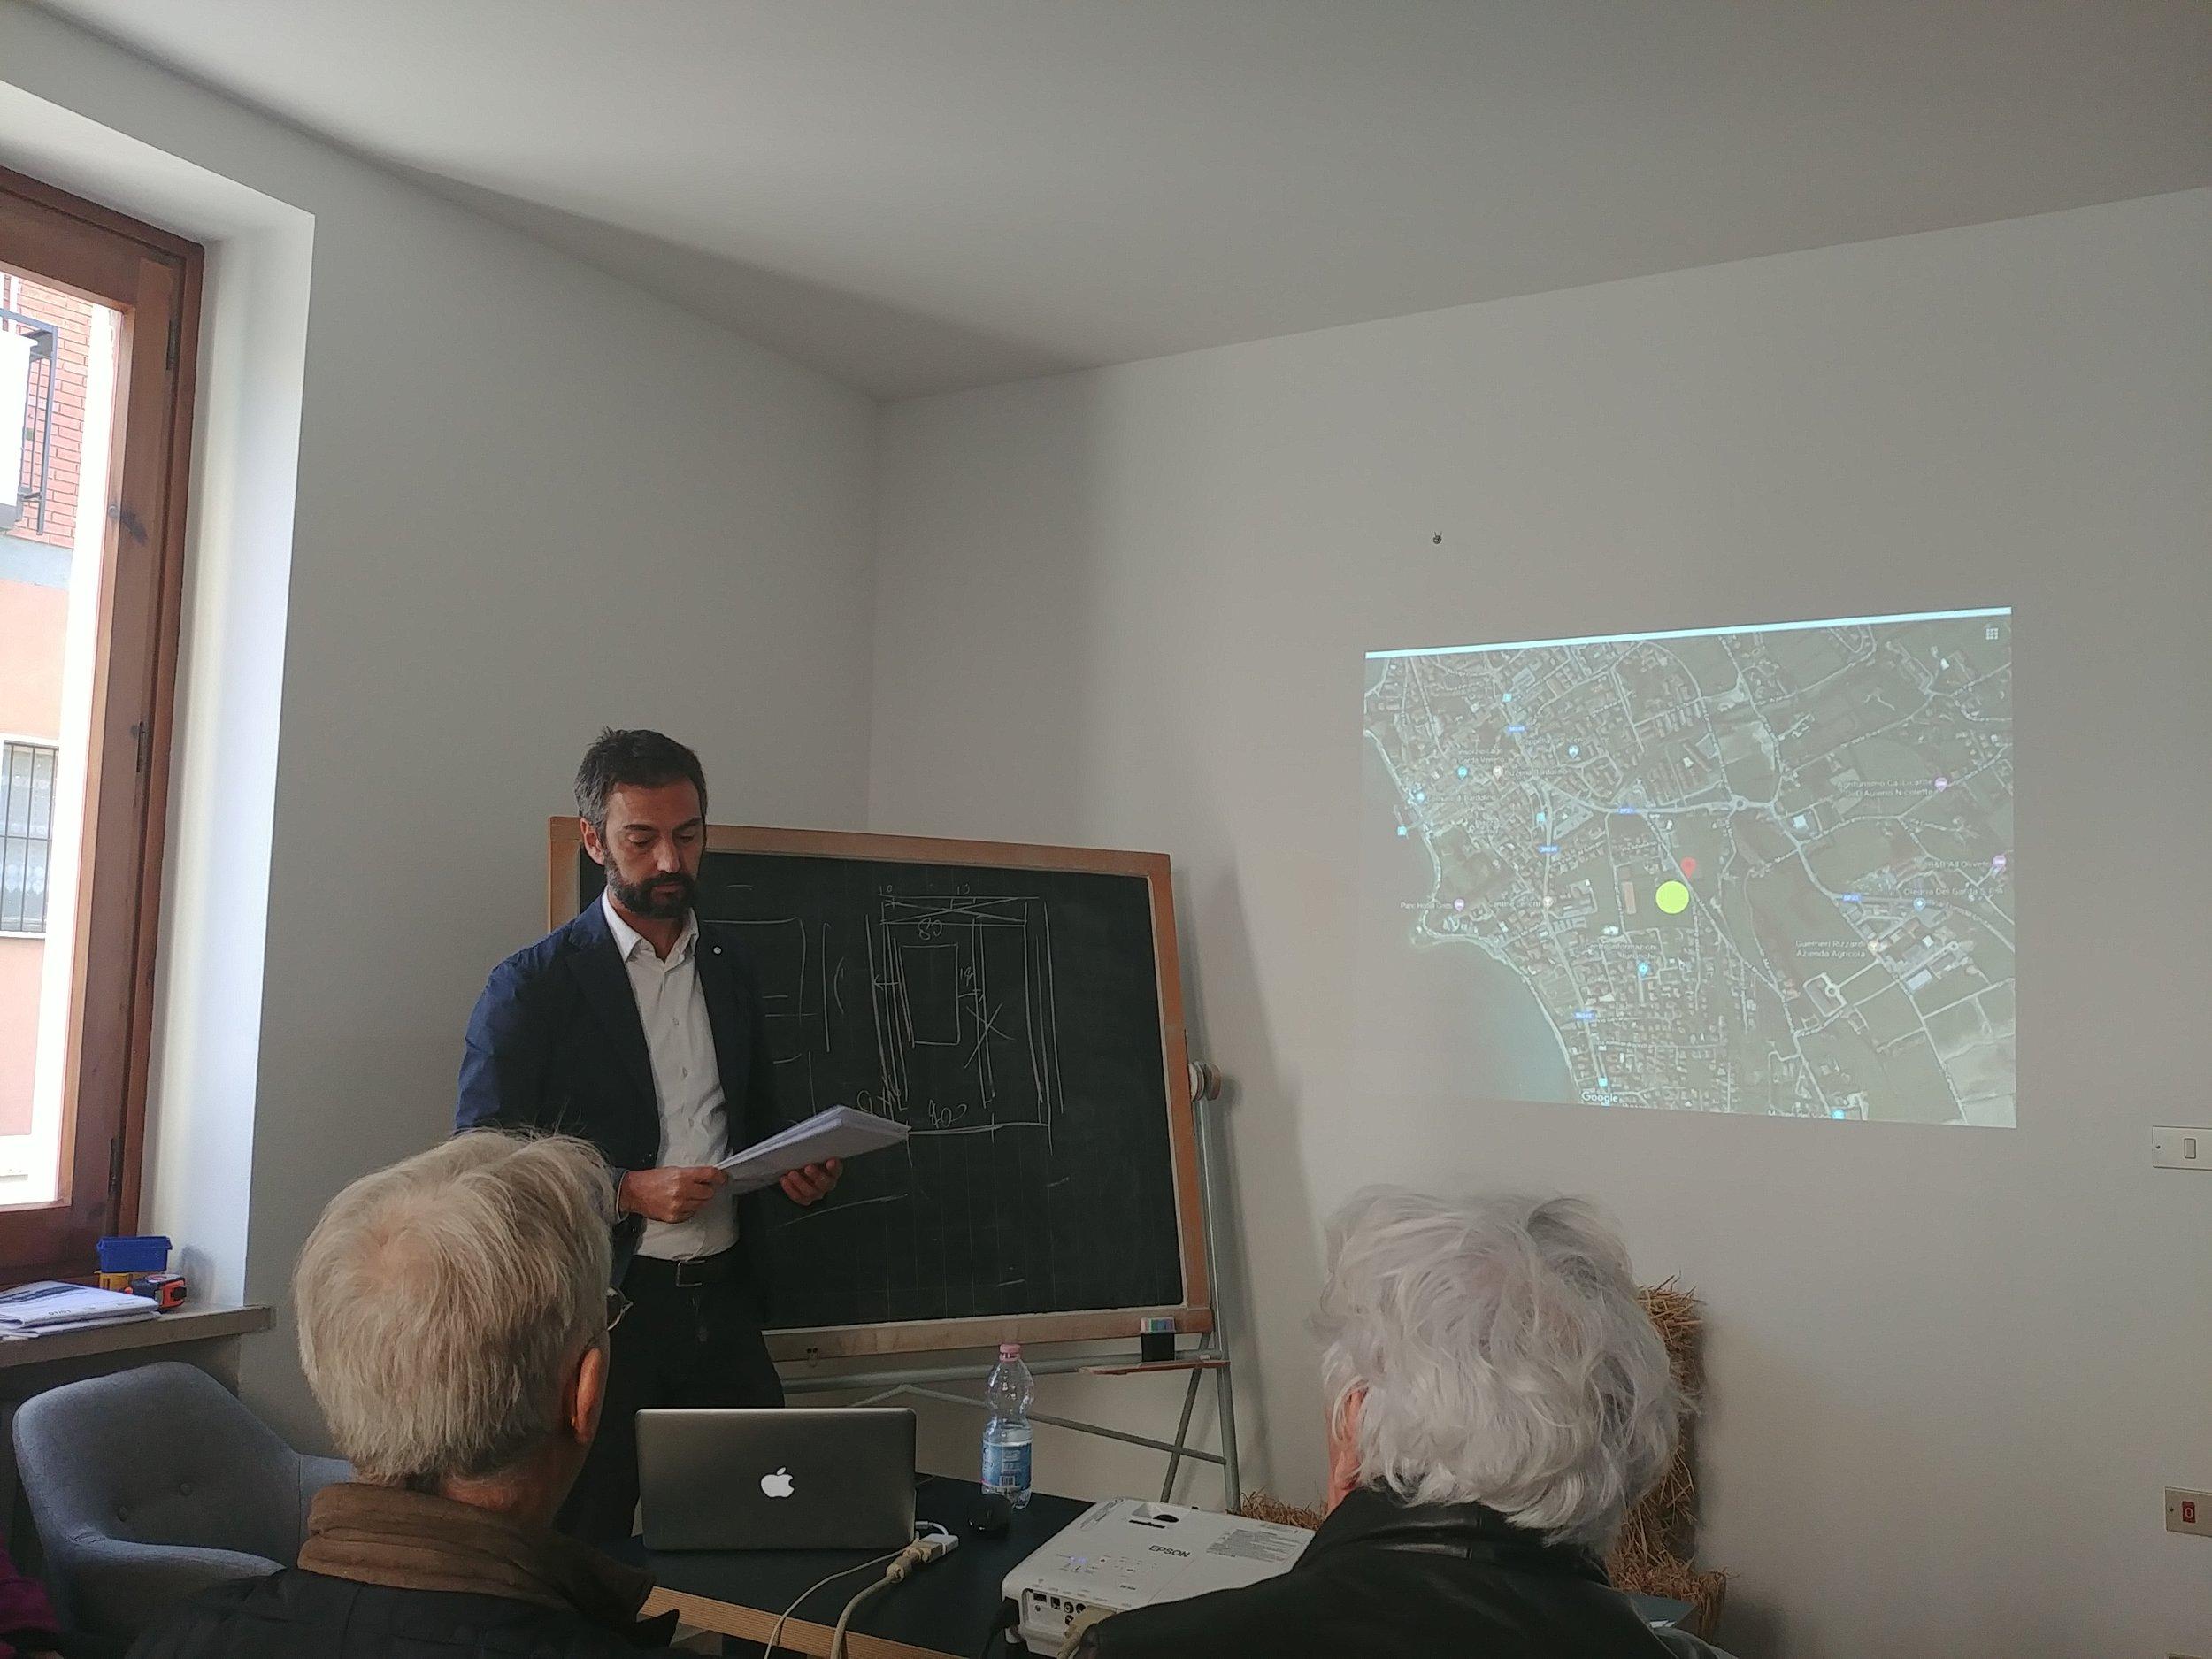 edifici-di-paglia-italia-ristrutturazione-e-ampliamento-workshop.jpg